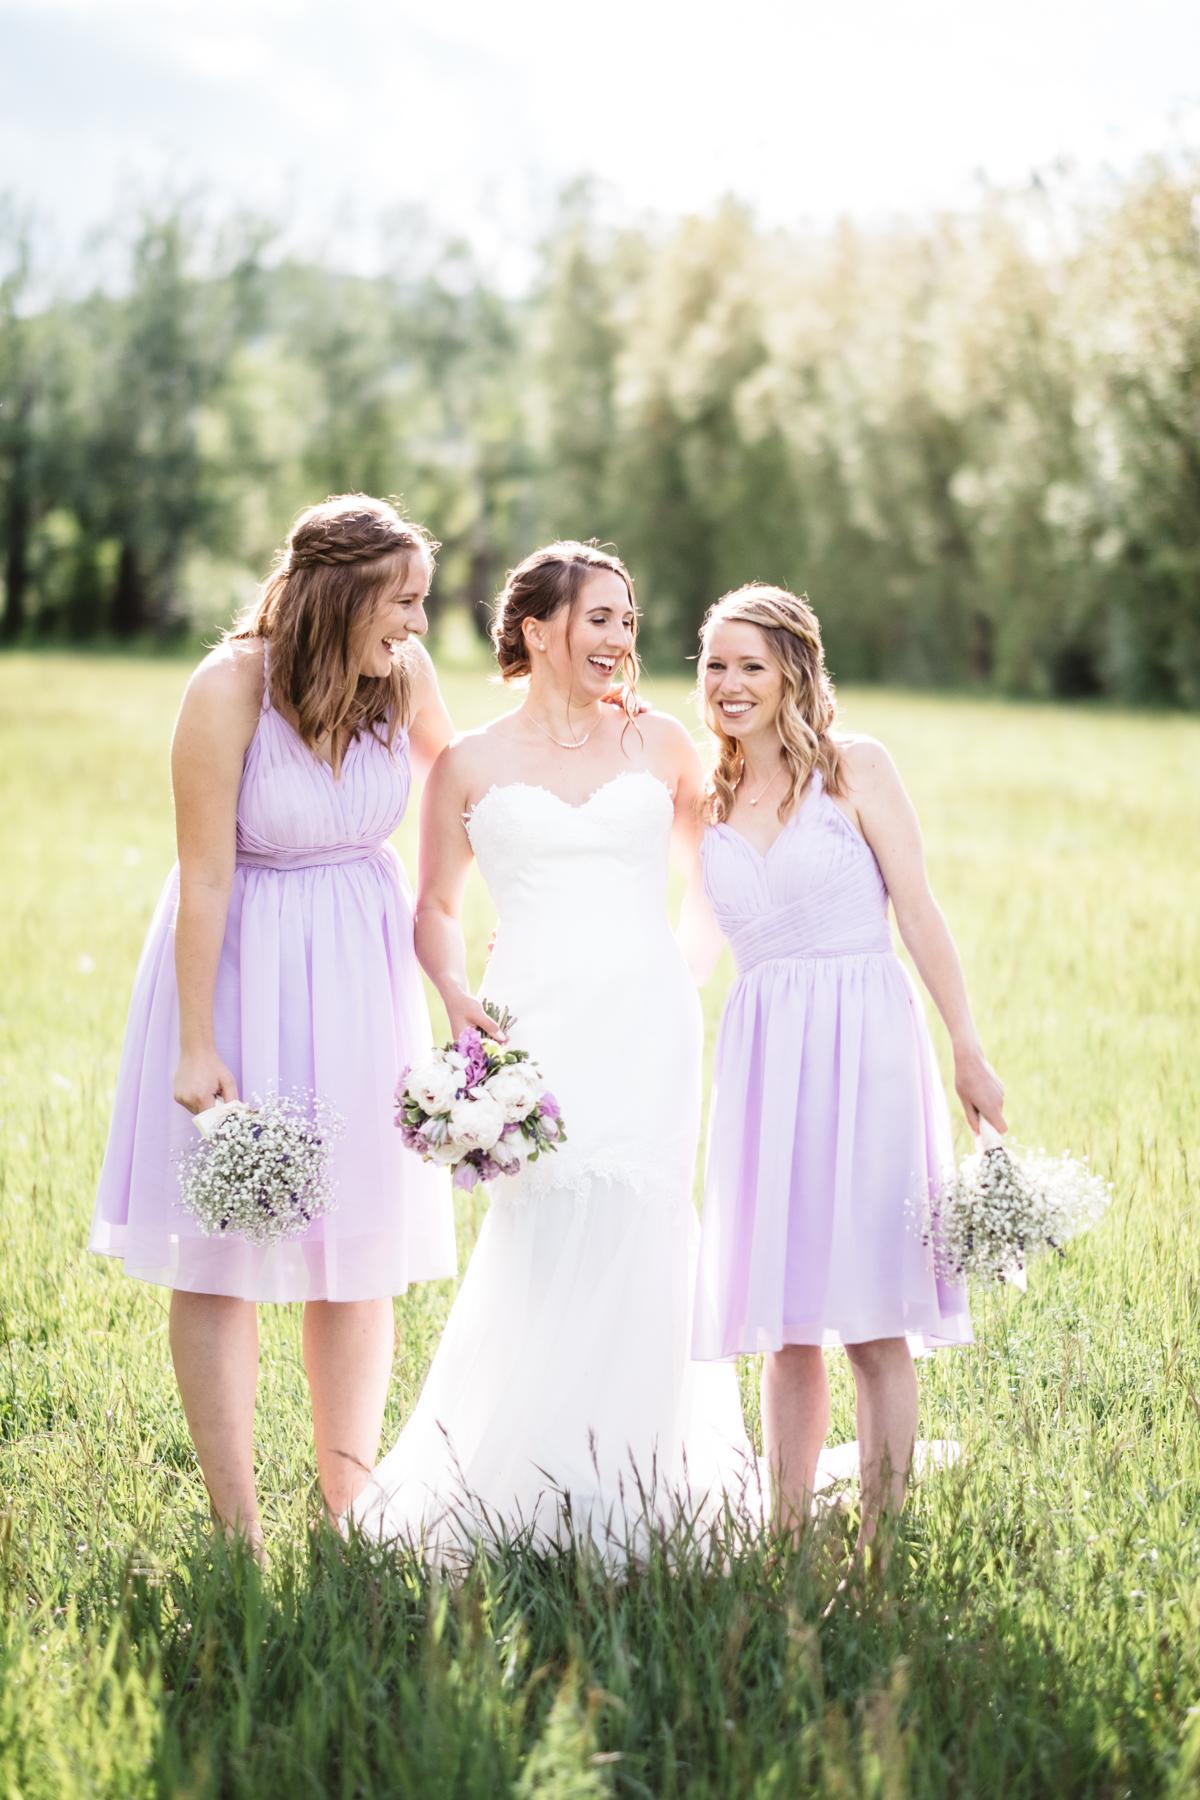 Chelsie+Mike-Lone-Hawk-Farm-Wedding-038.jpg